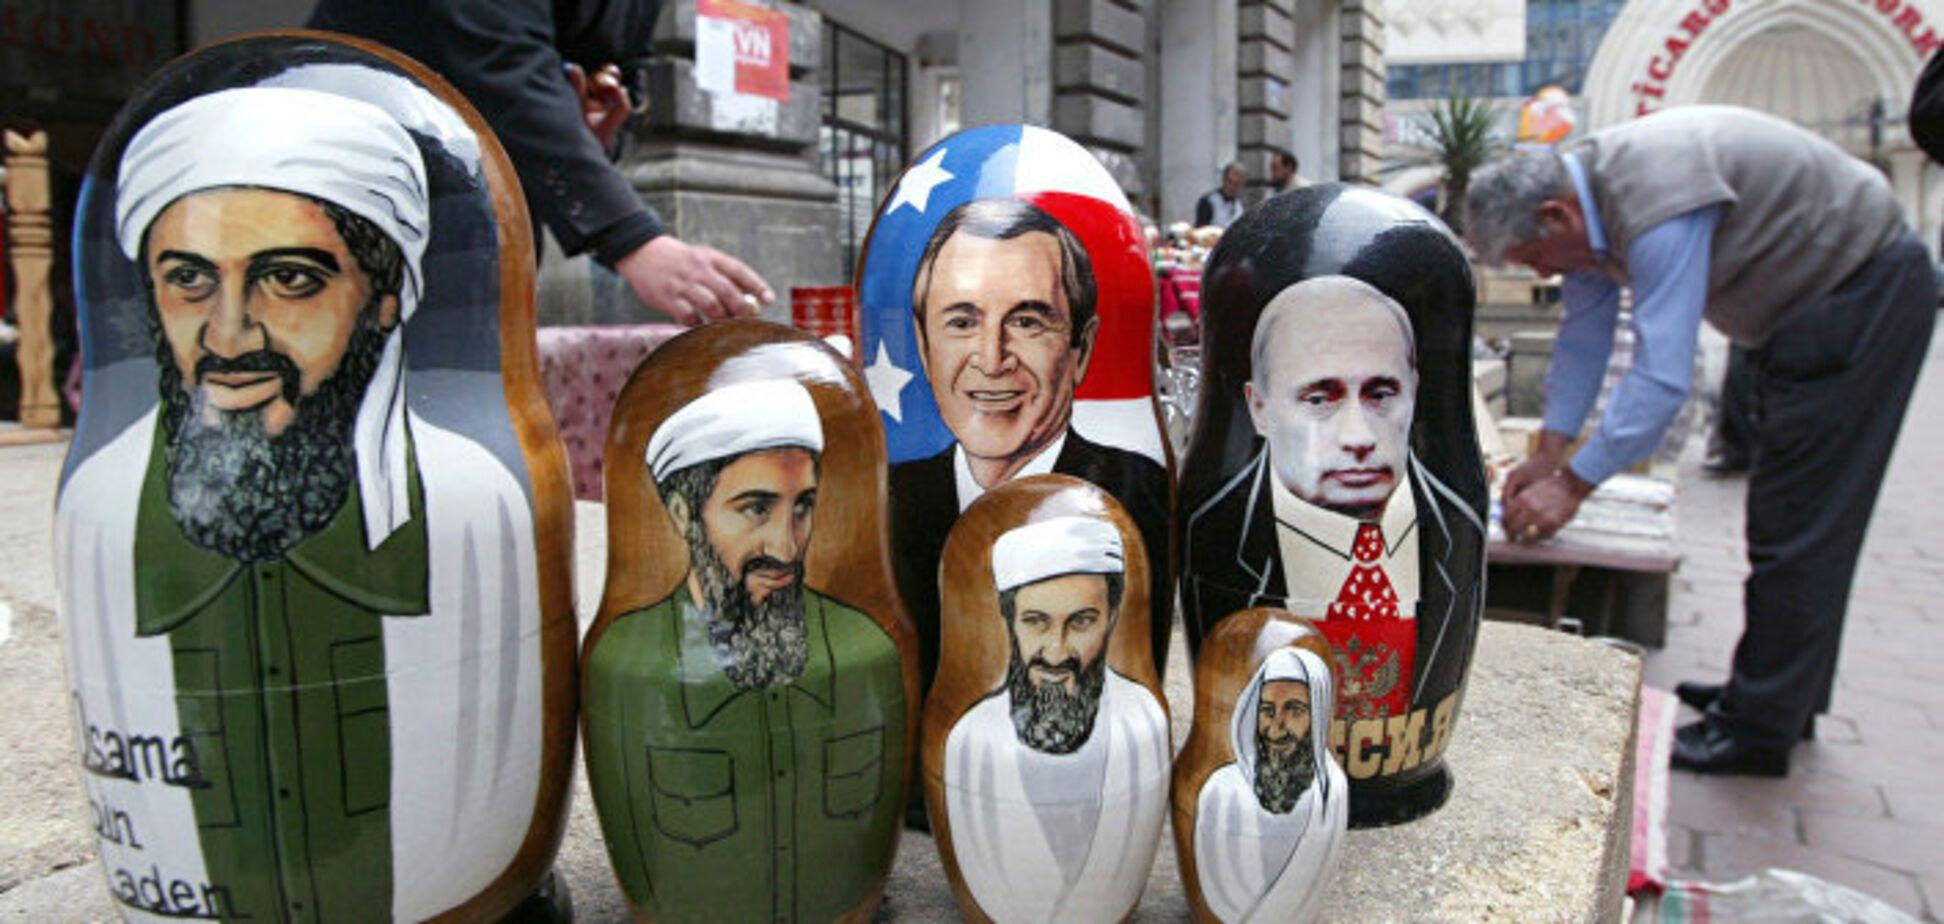 Бен Ладену сховатися в бункері не вдалося: чи вдасться це Путіну?